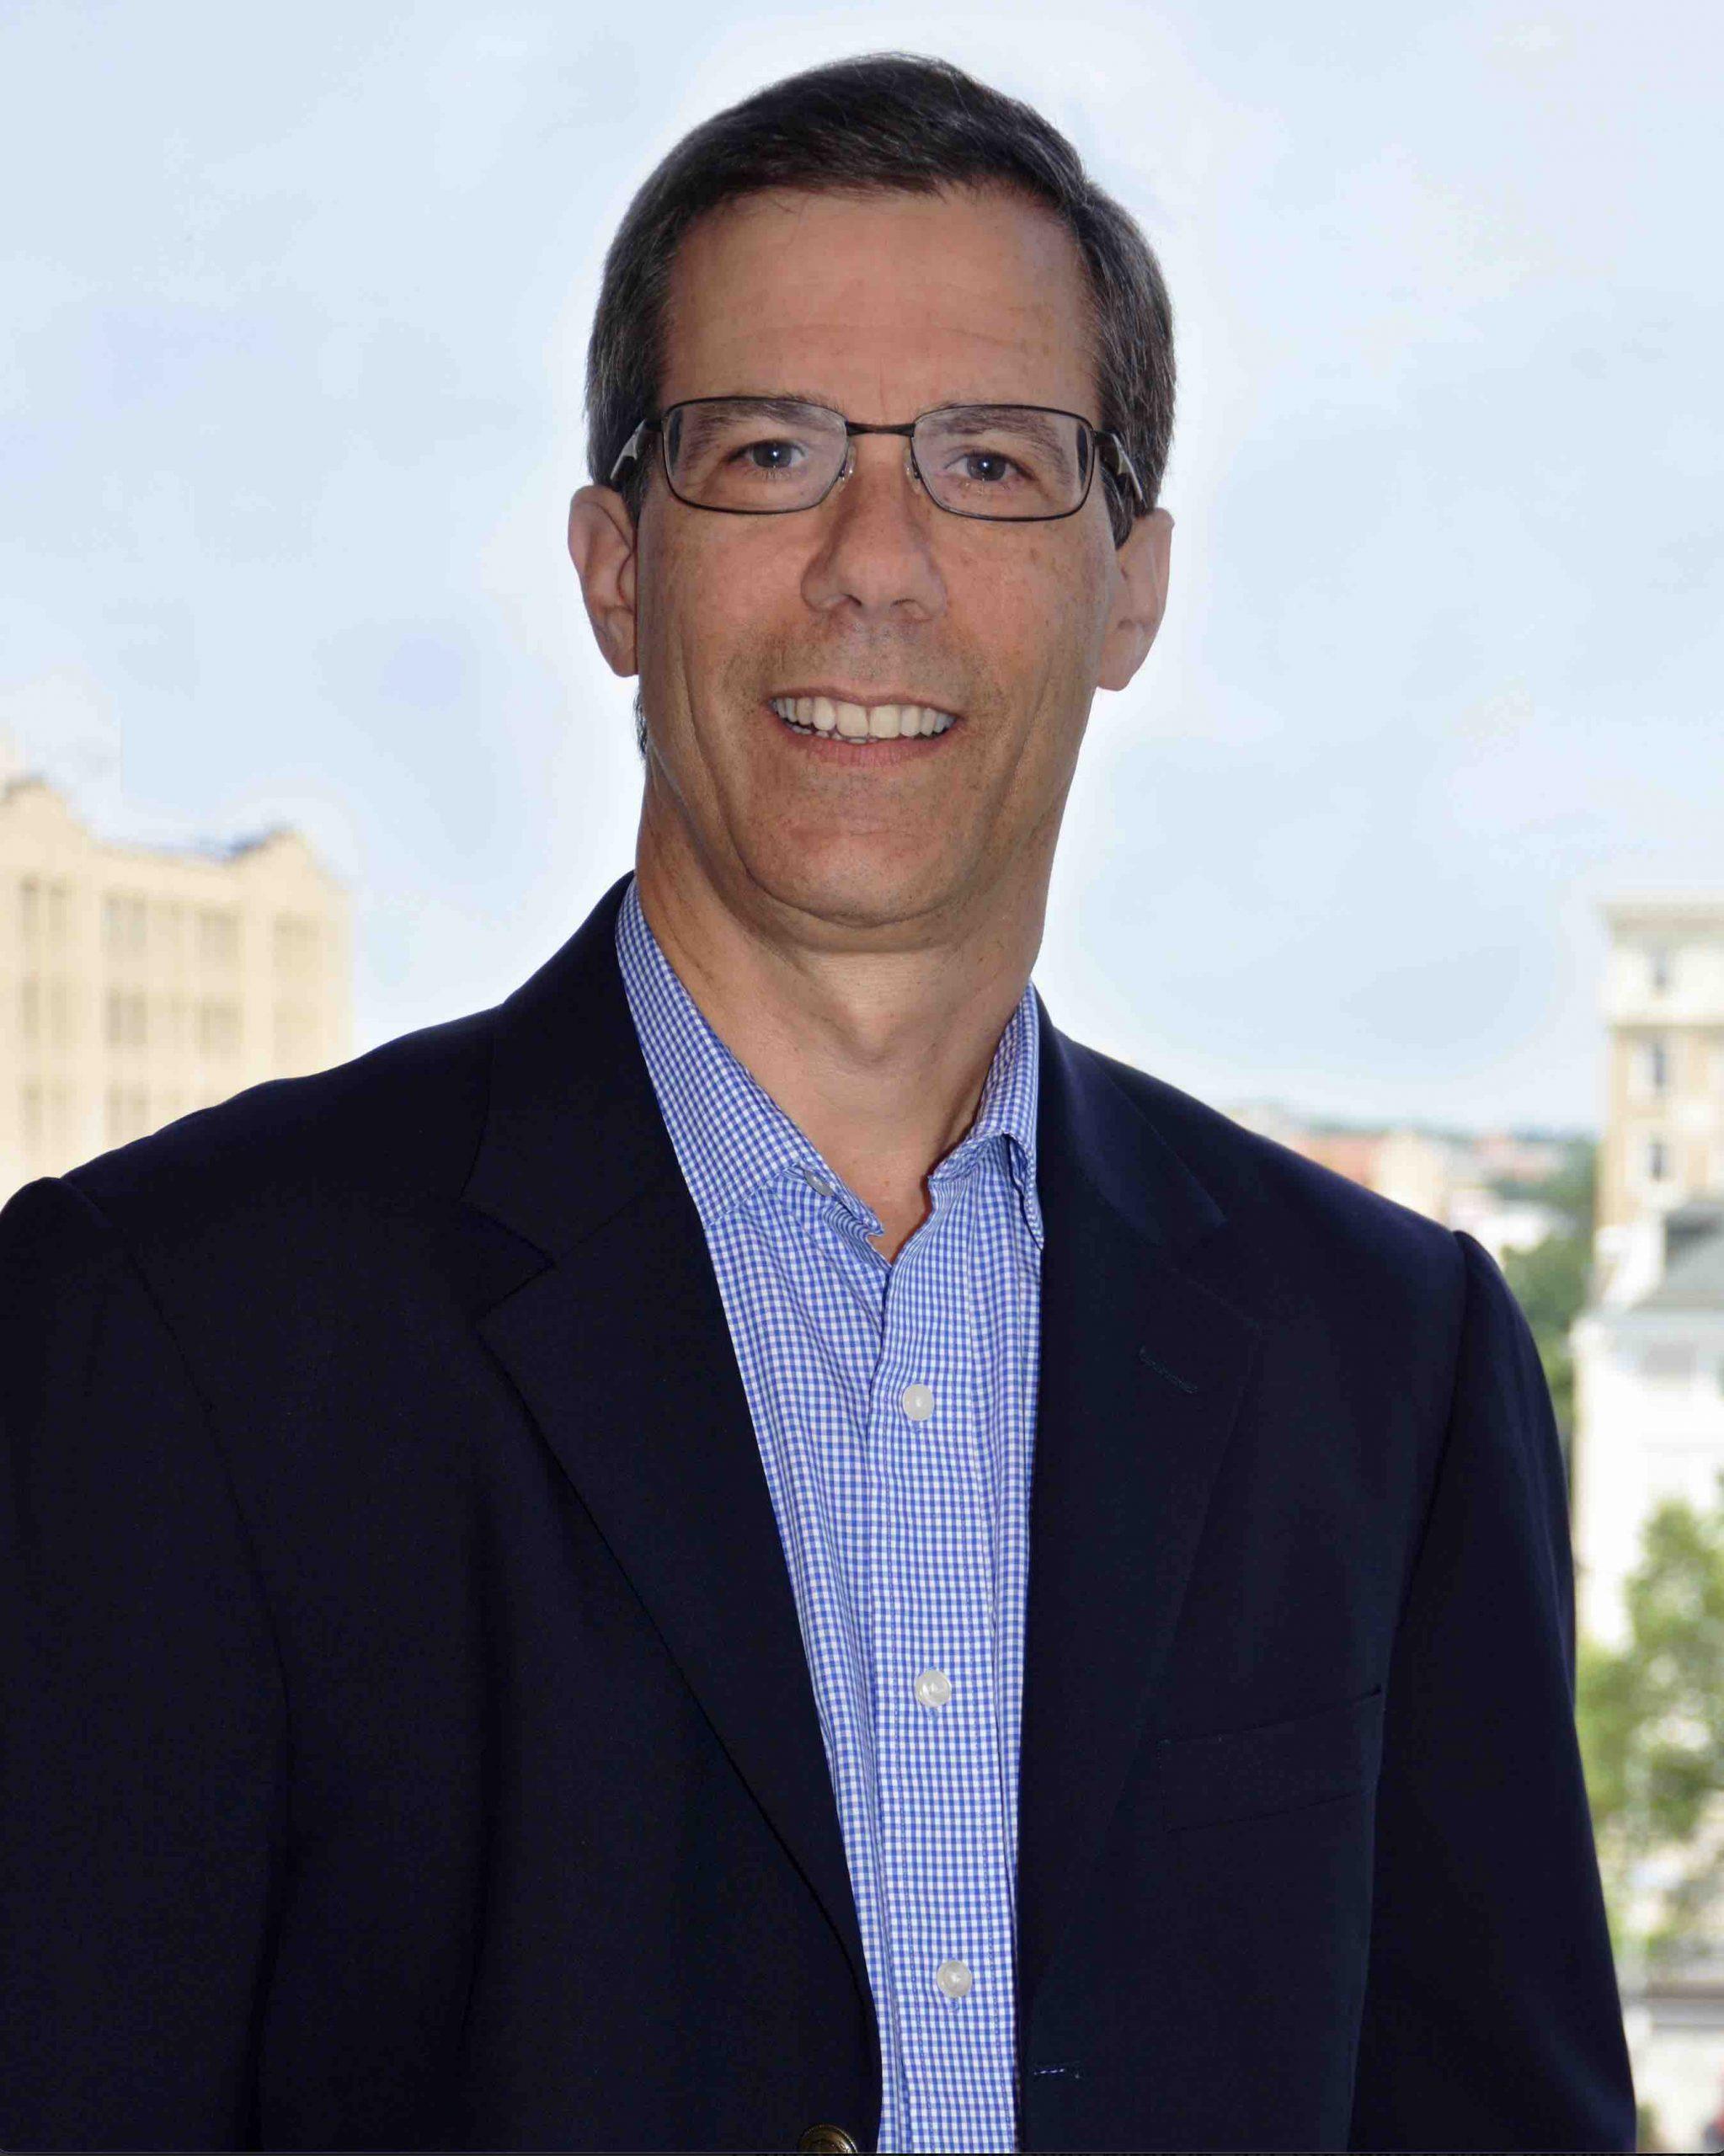 Steve Zaleznick